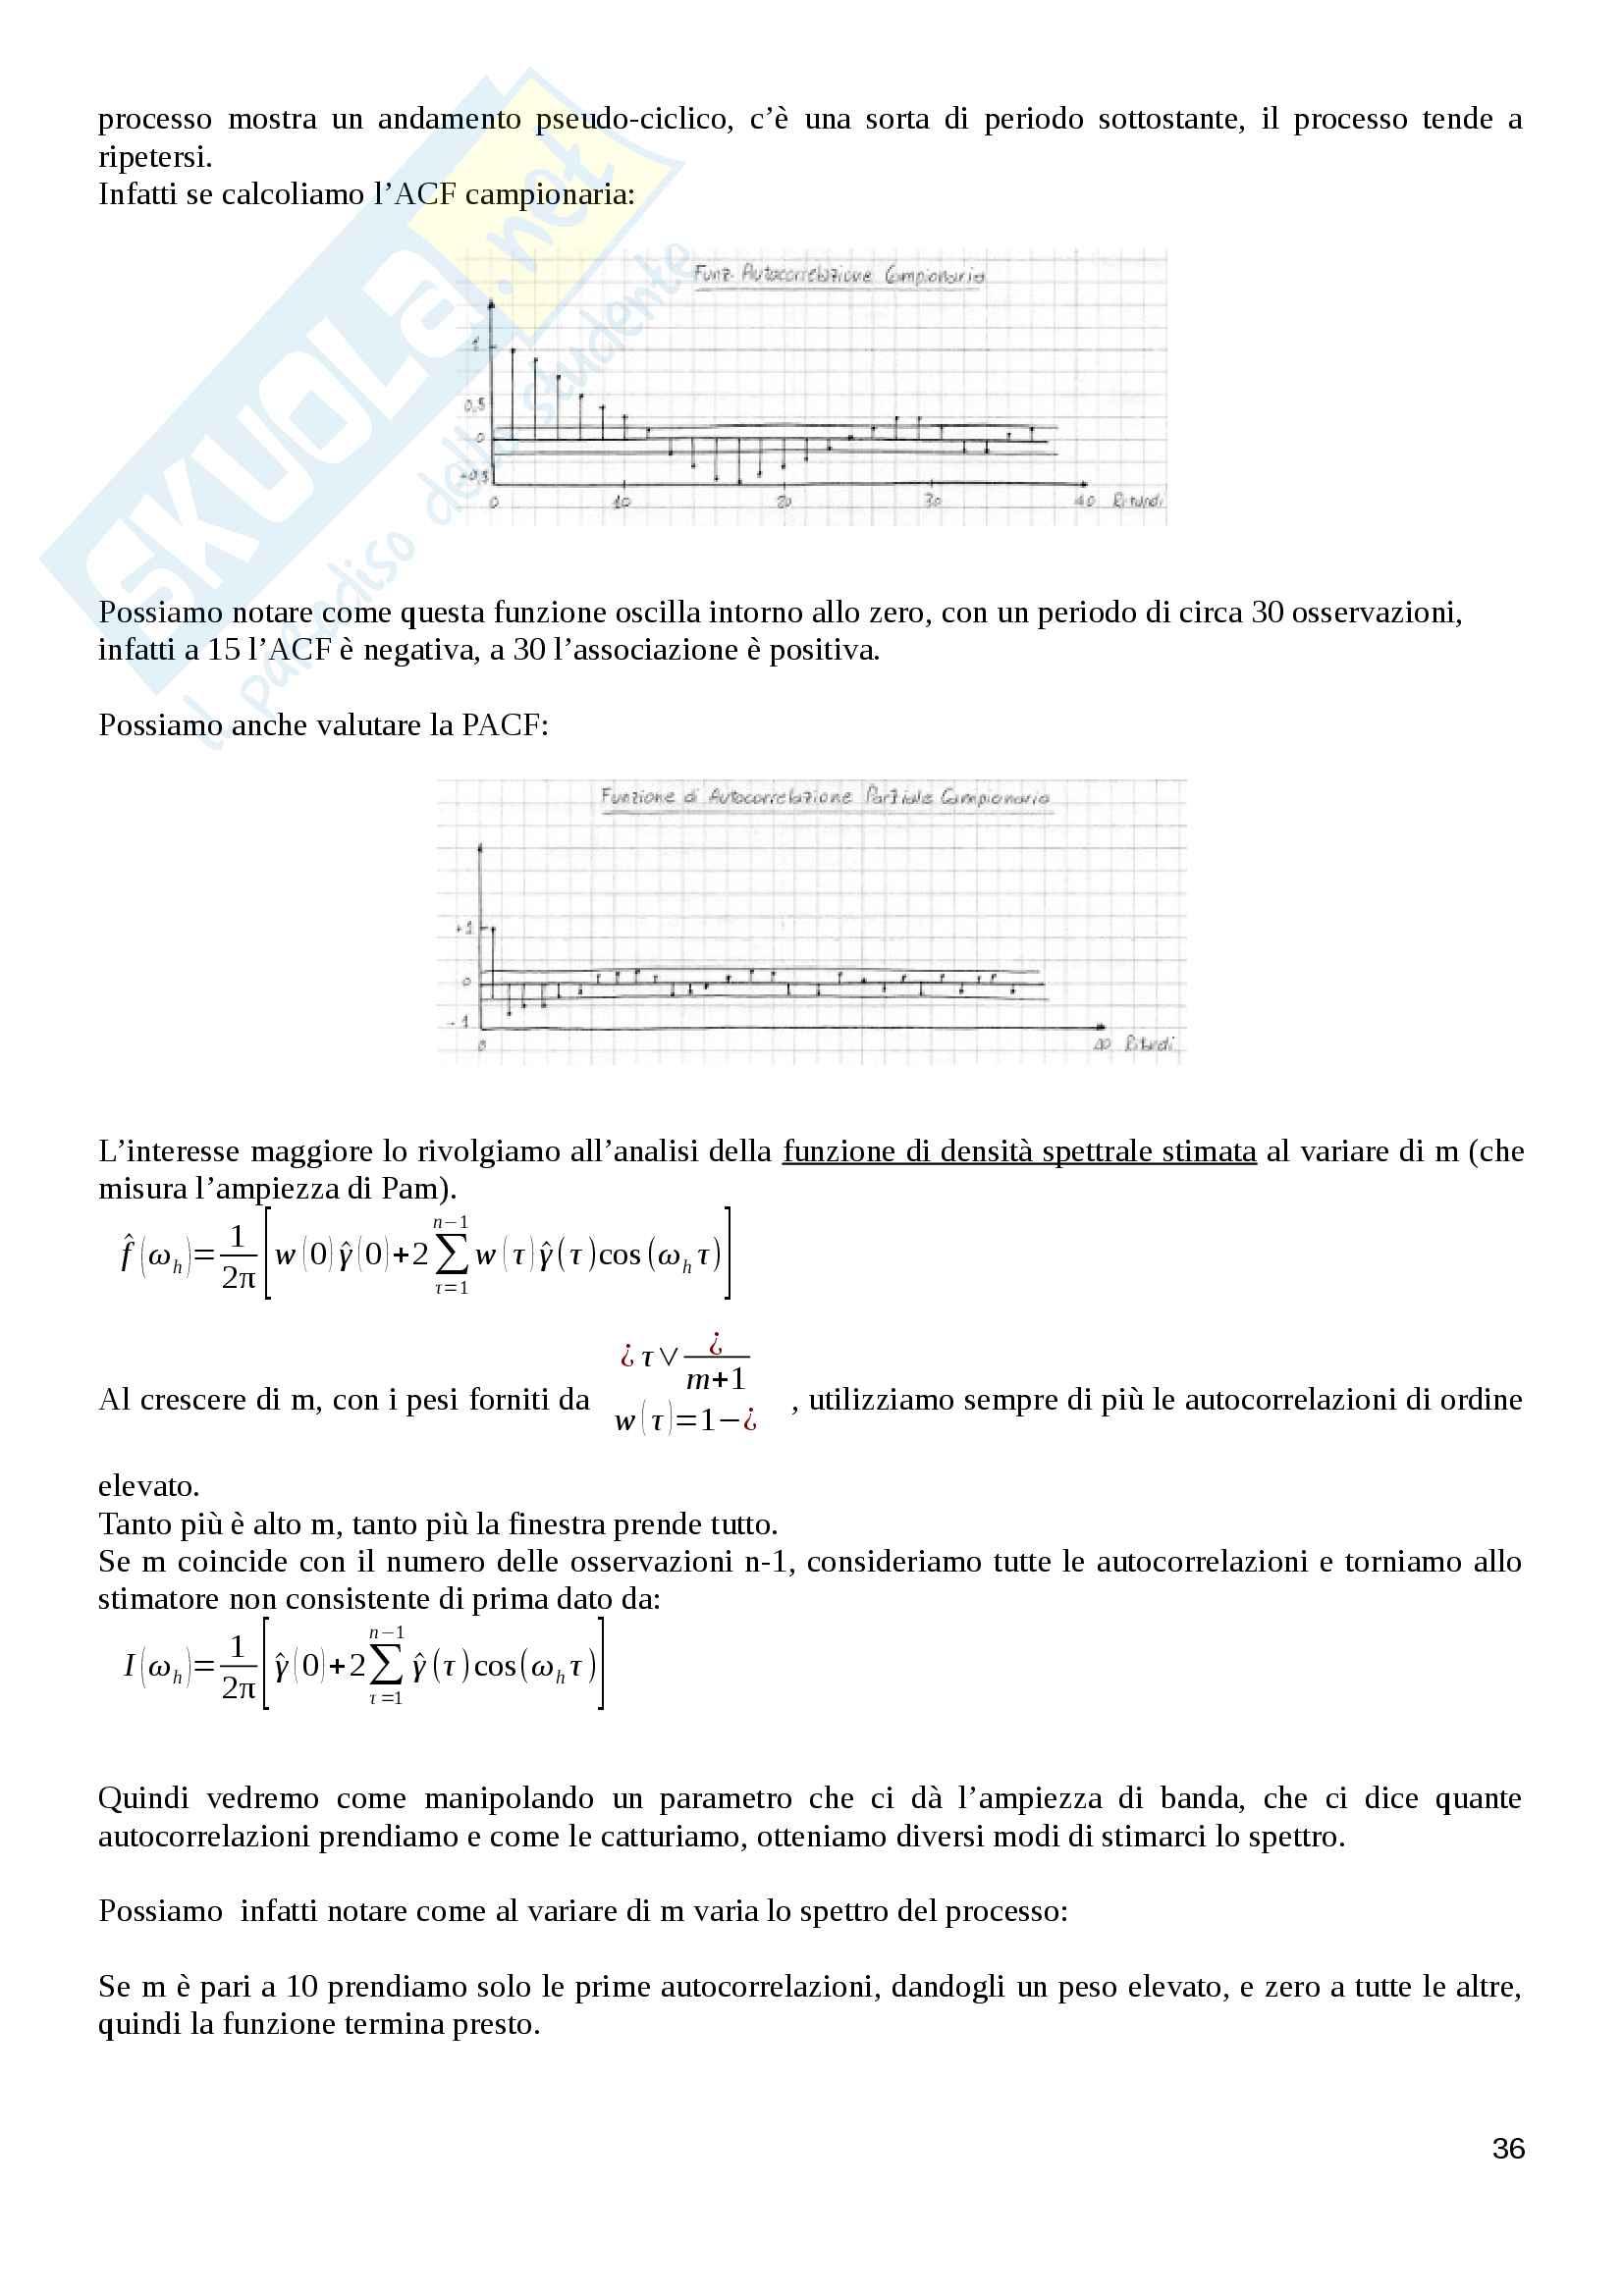 Appunti Finanza Quantitativa Pag. 36